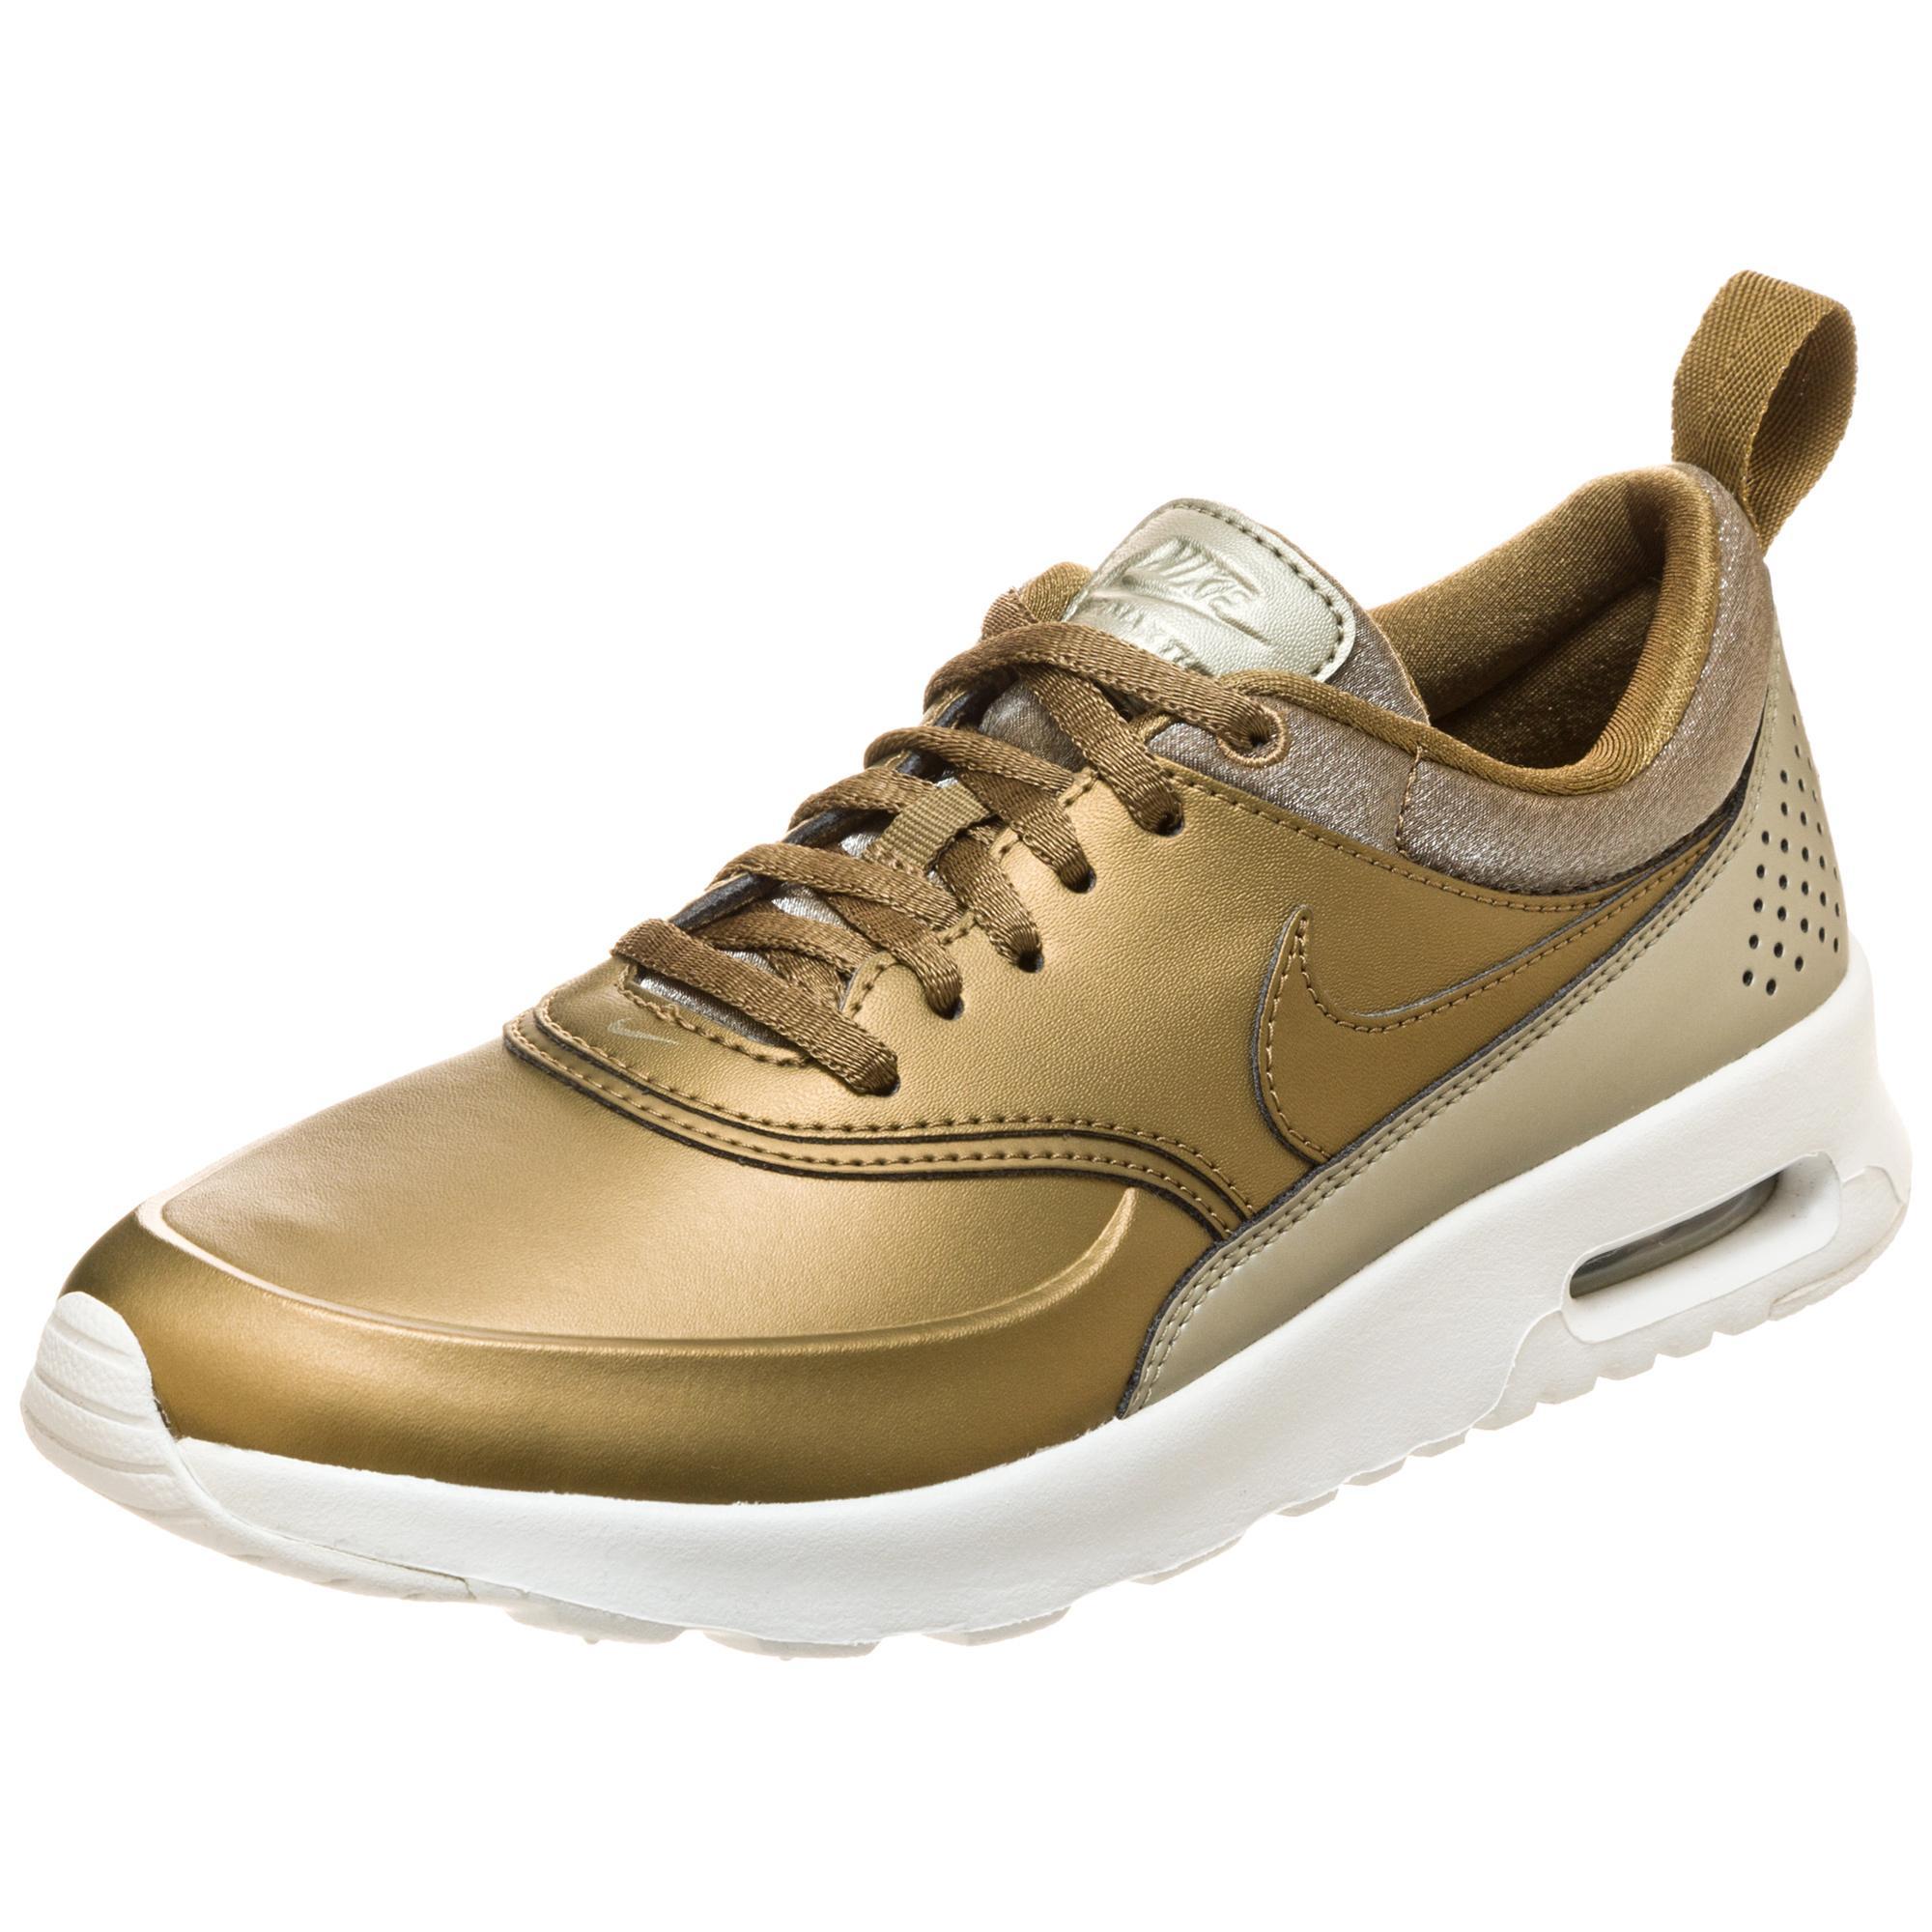 shopping nike air max thea beige damen kaufen 46f5f 1a4e7